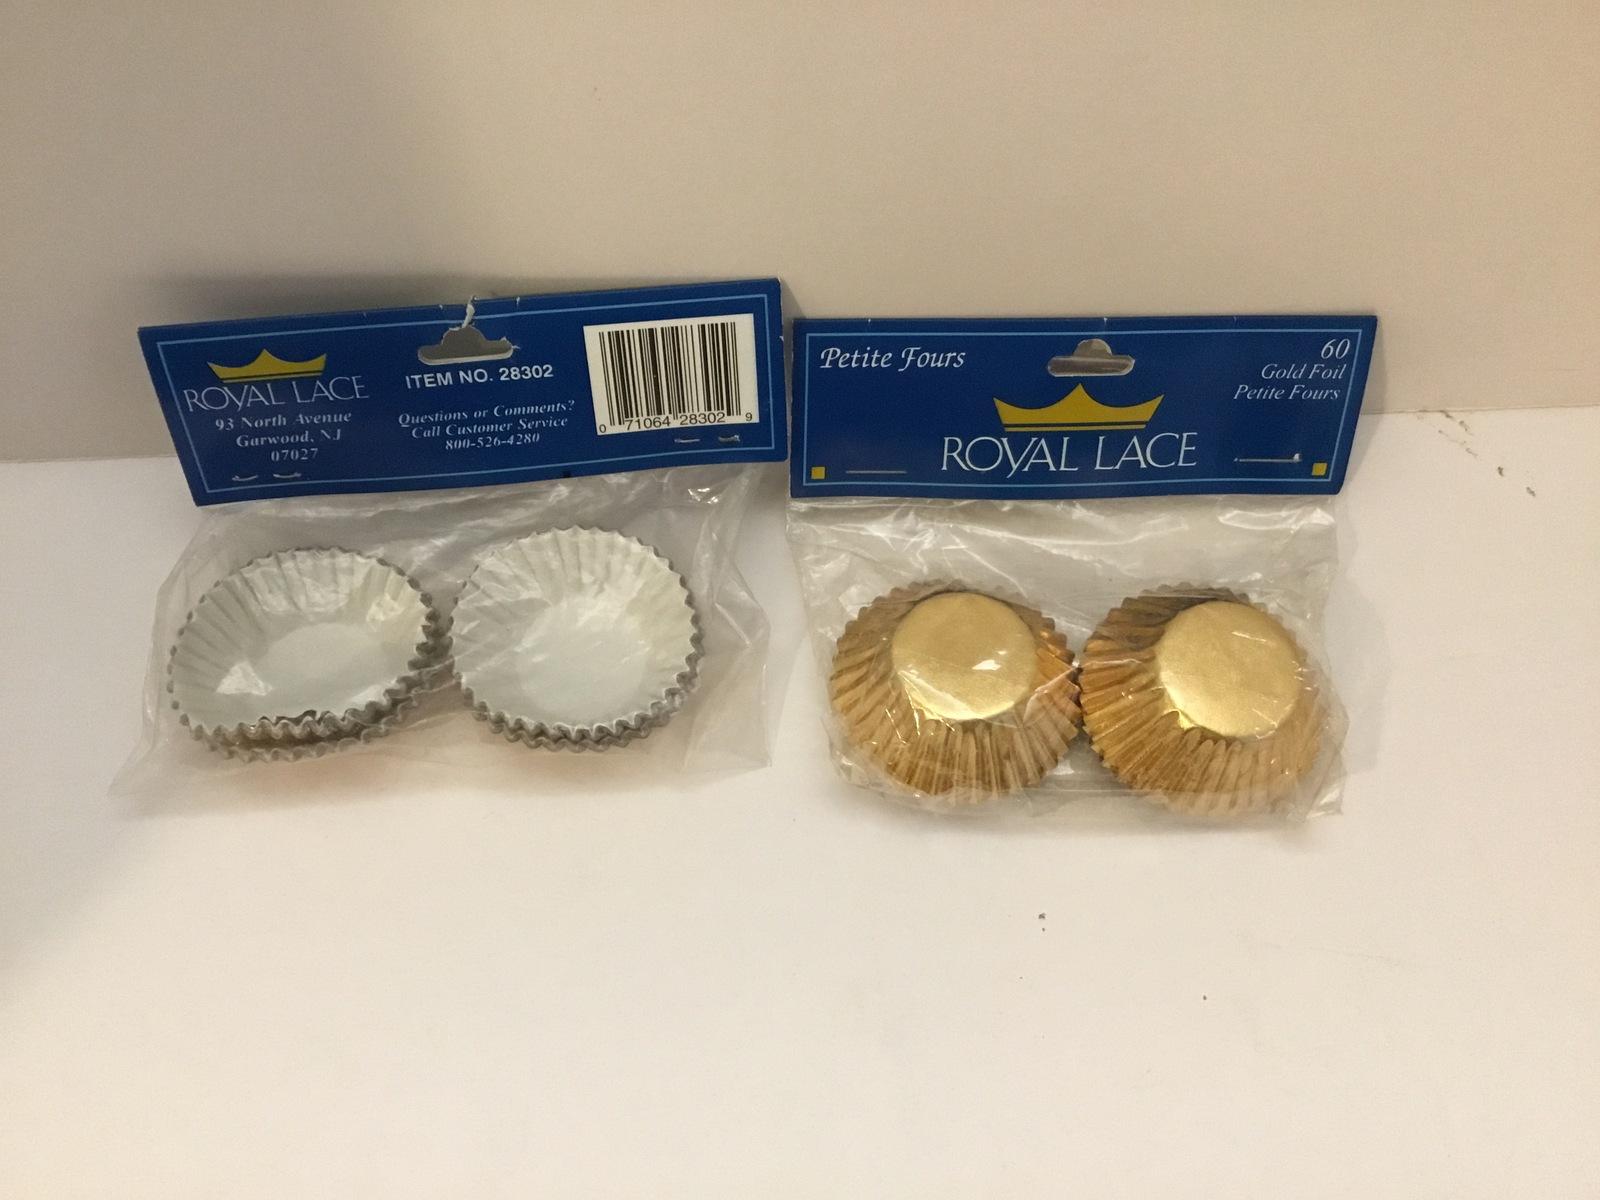 """Royal Lace Gold Foil Petit Fours, 1.5"""" baking cups 120 pcs - $4.90"""